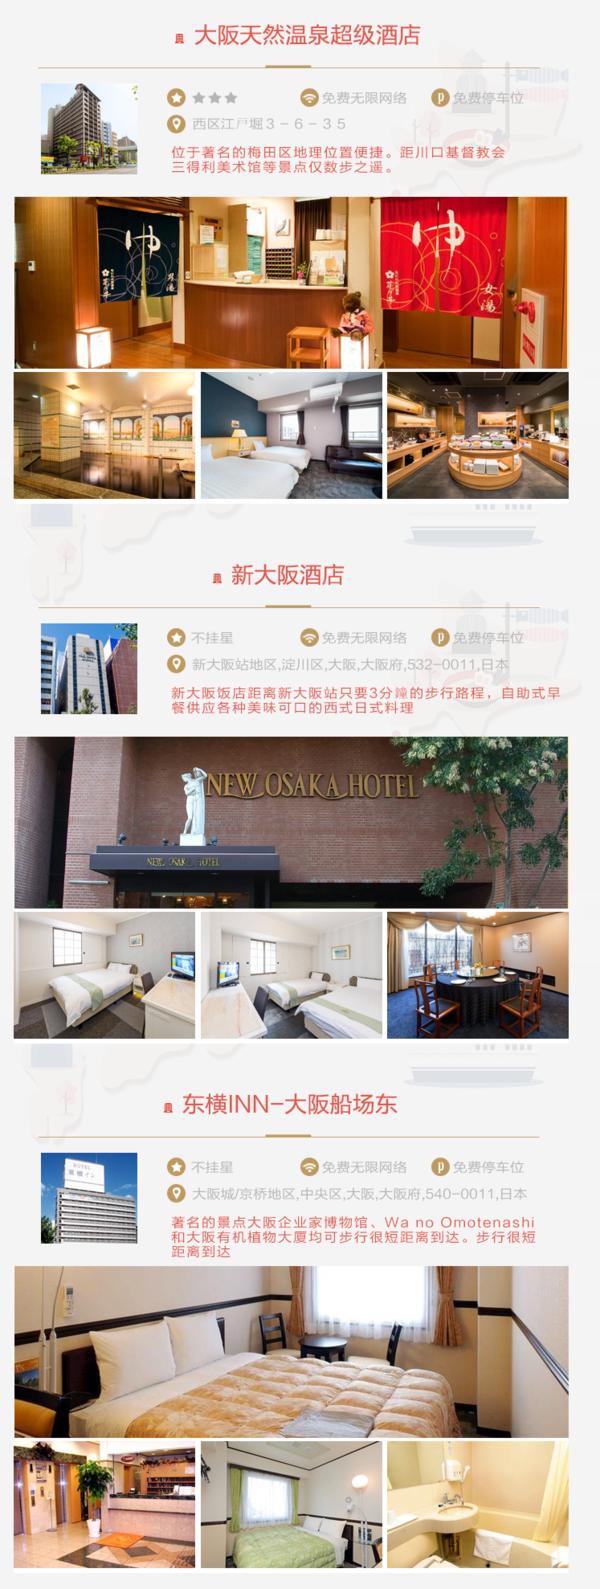 上海-日本大阪5天4晚自由行(4晚市區溫泉酒店)